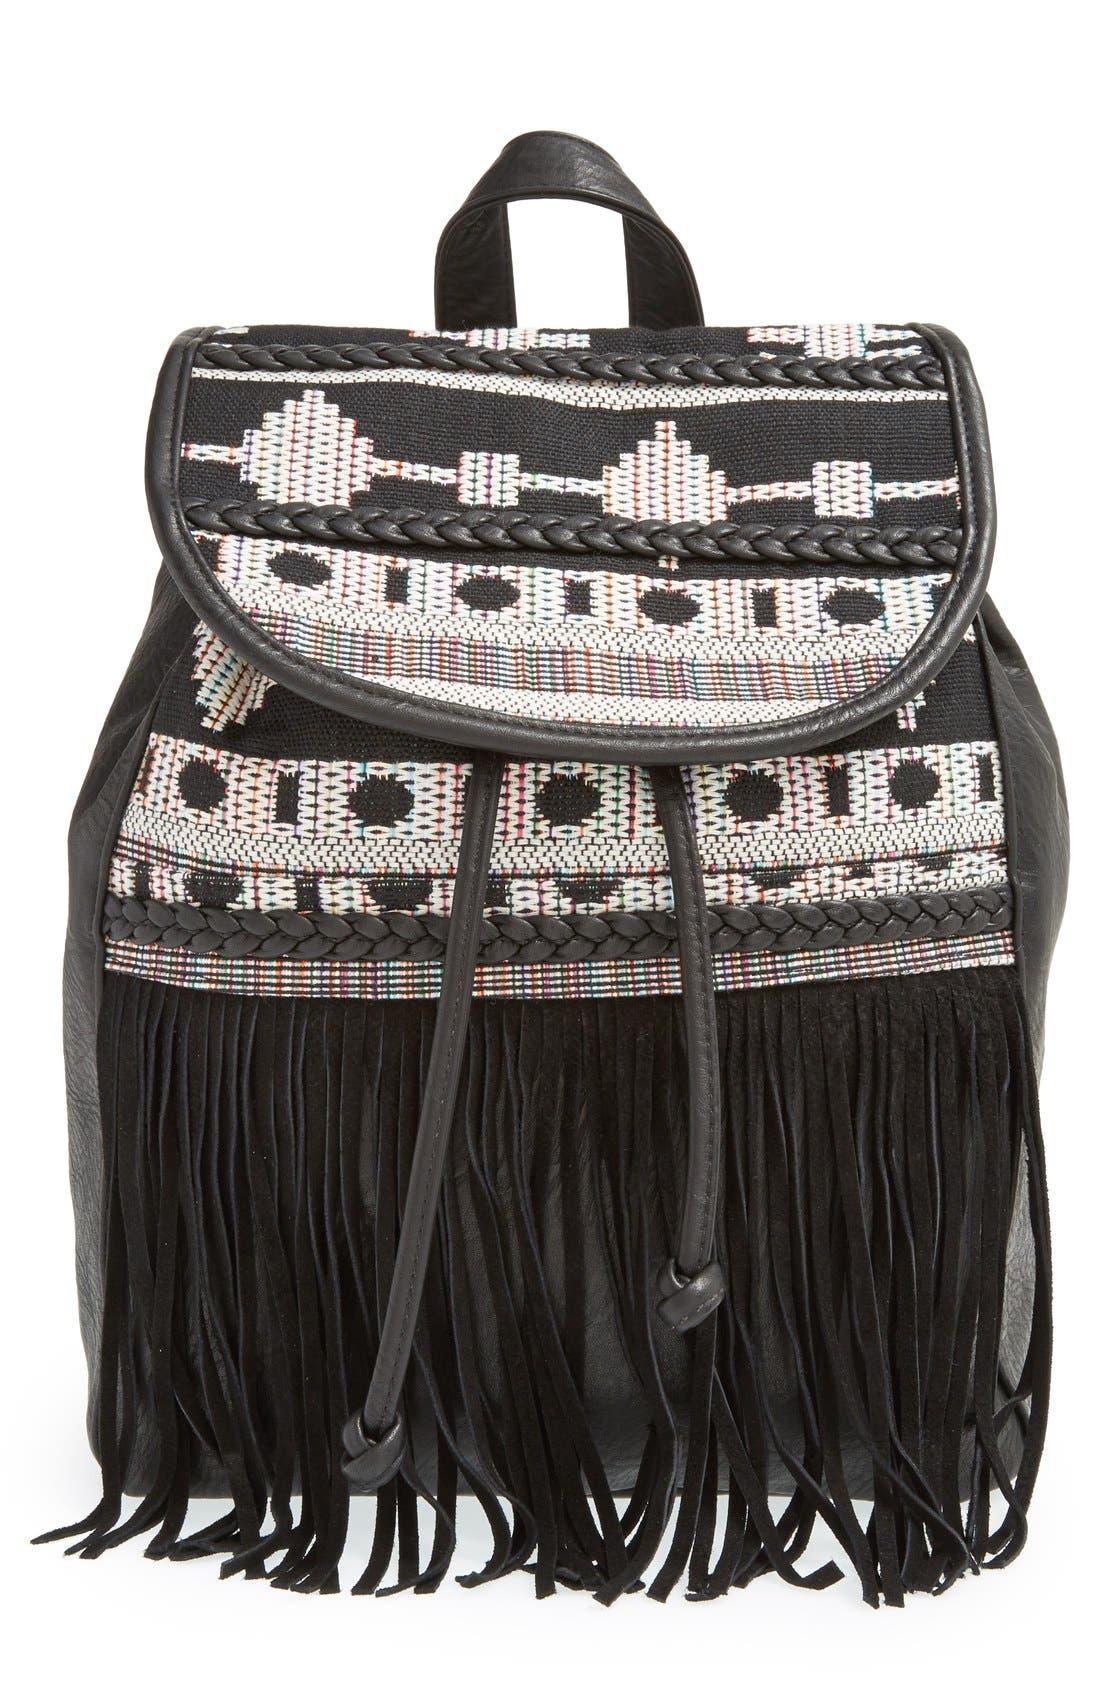 Alternate Image 1 Selected - Dolce Girl Fringe Backpack